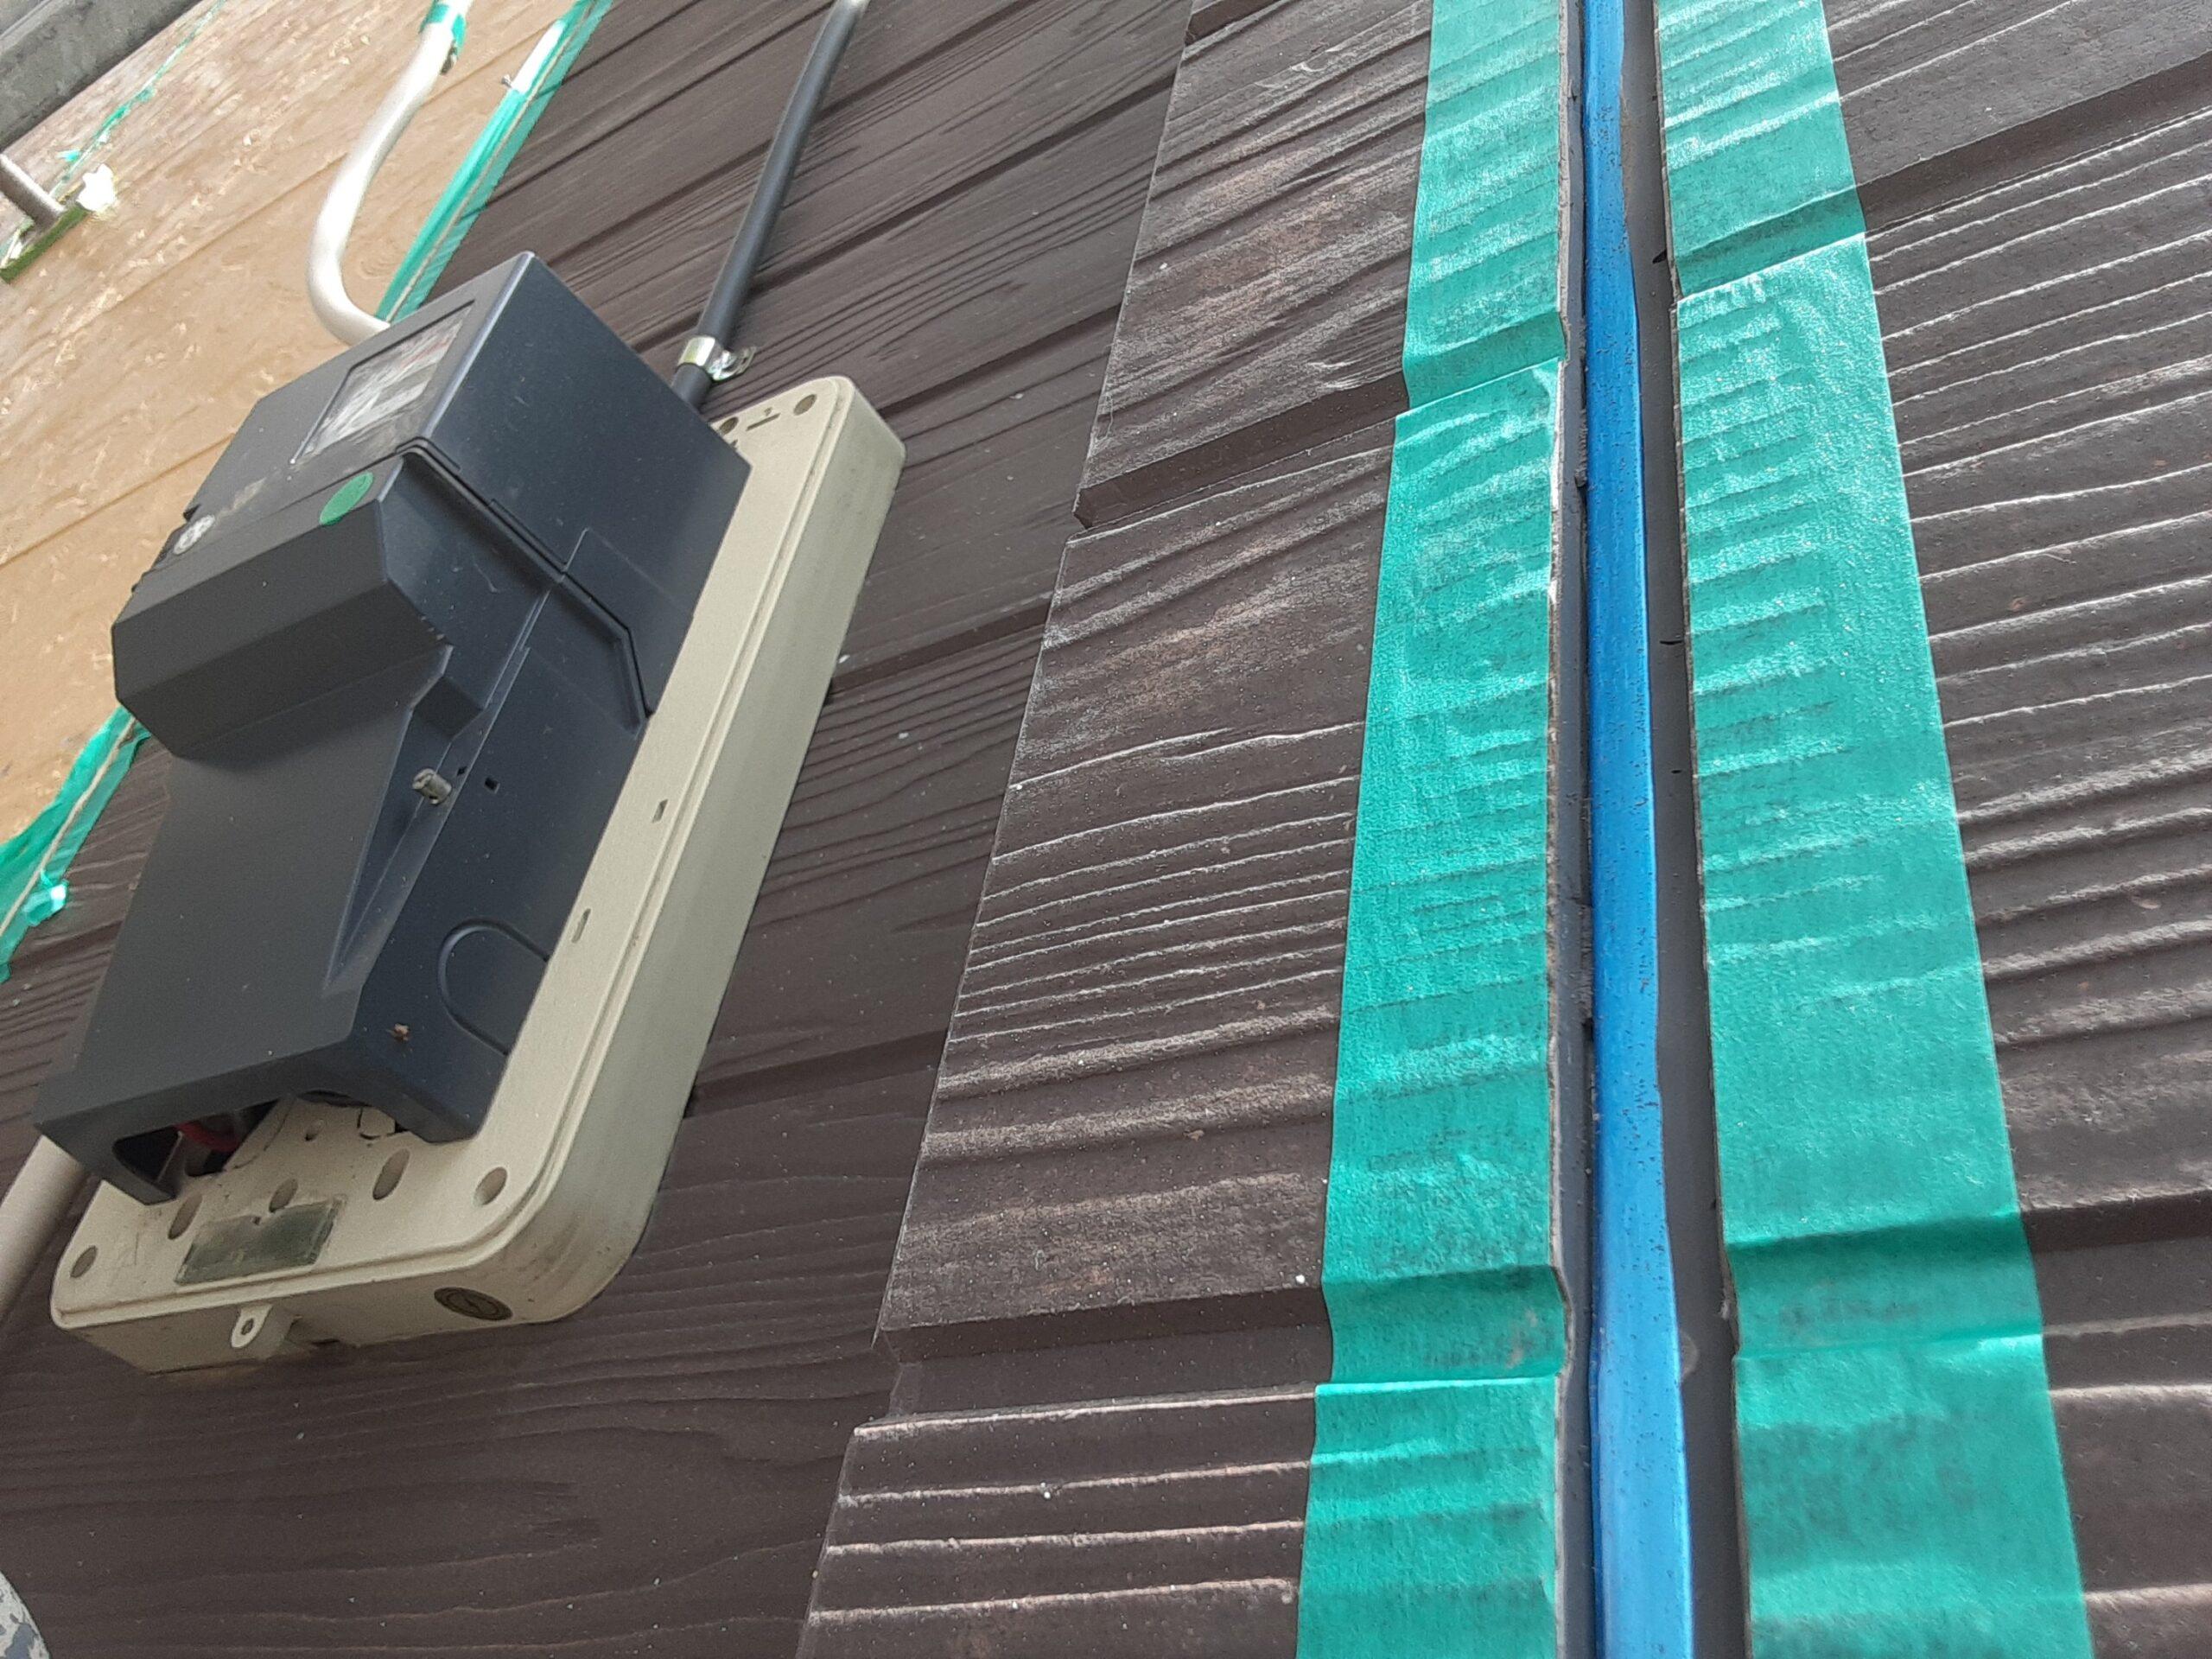 埼玉県さいたま市桜区のA様邸(木造3階建て)にて外壁コーキングの打ち替え